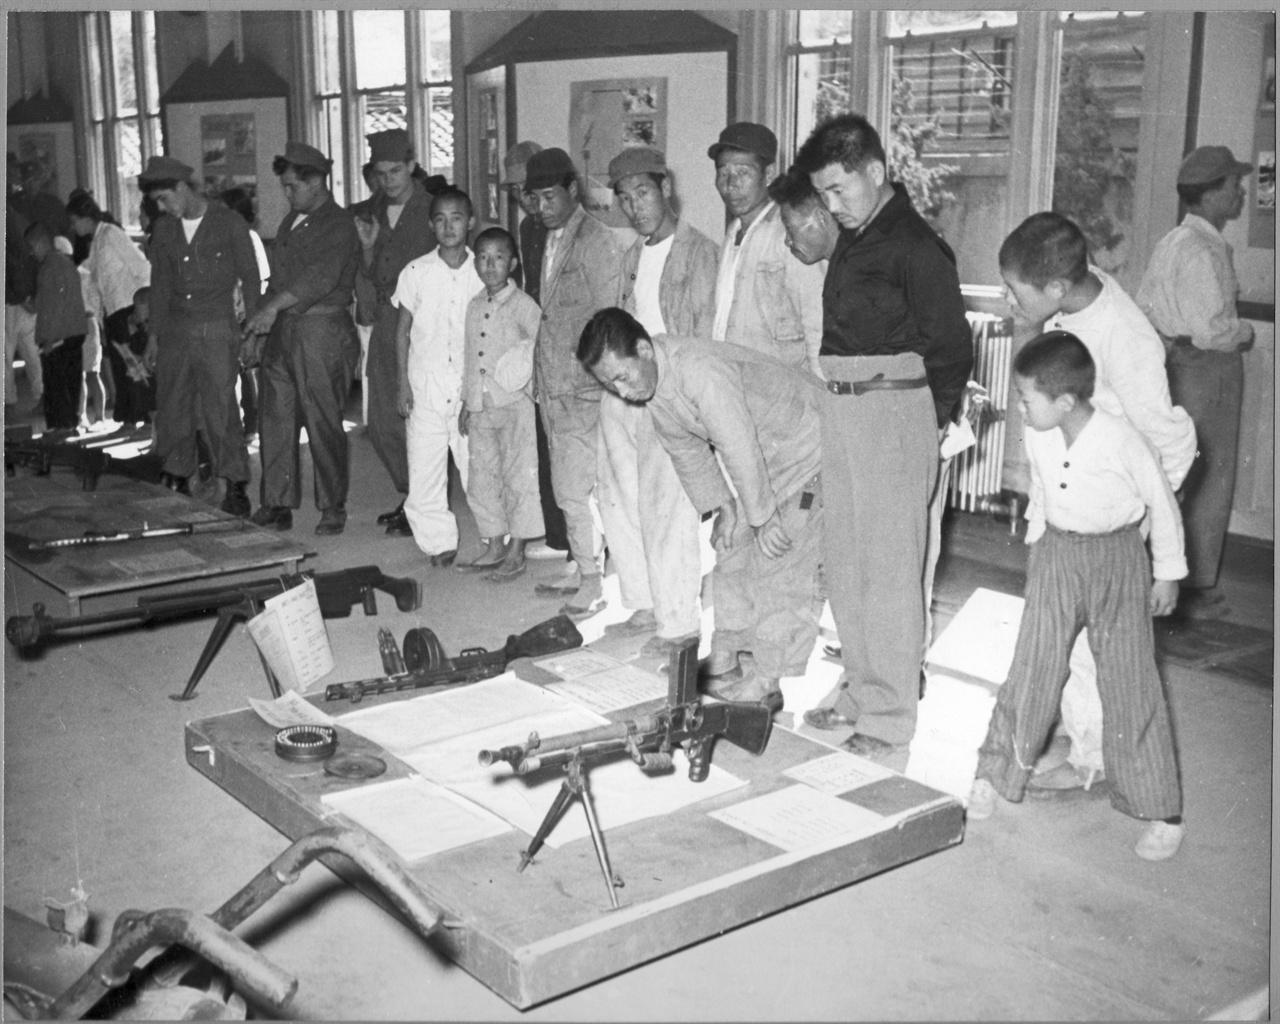 부산, 미국 공보관(문화원)에서 인민군 노획무기 전시회가 열리자 시민들이 구경하고 있다(1951. 6. 11.).